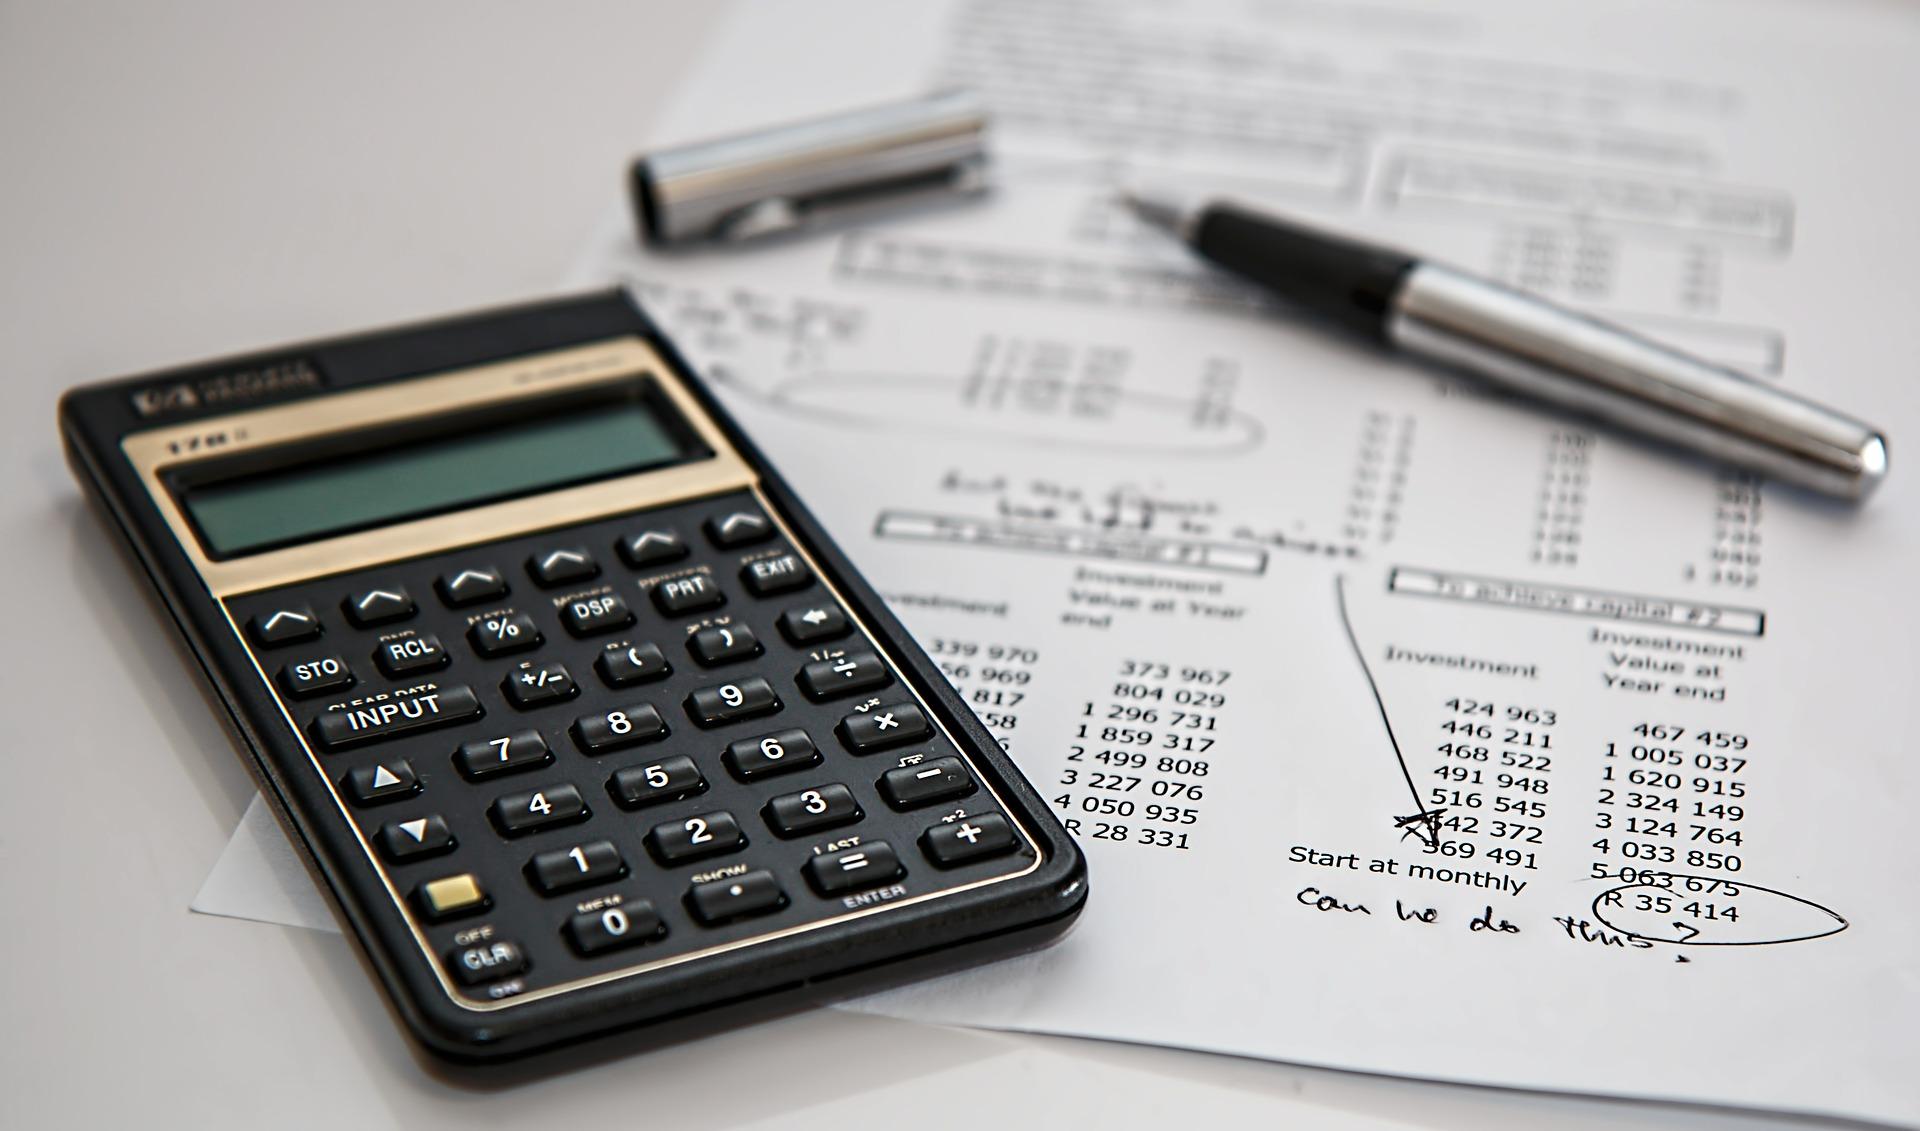 返戻金が元本割れしてる貯蓄型保険を損切りするぞ!4つのライフステージで必要性を考える